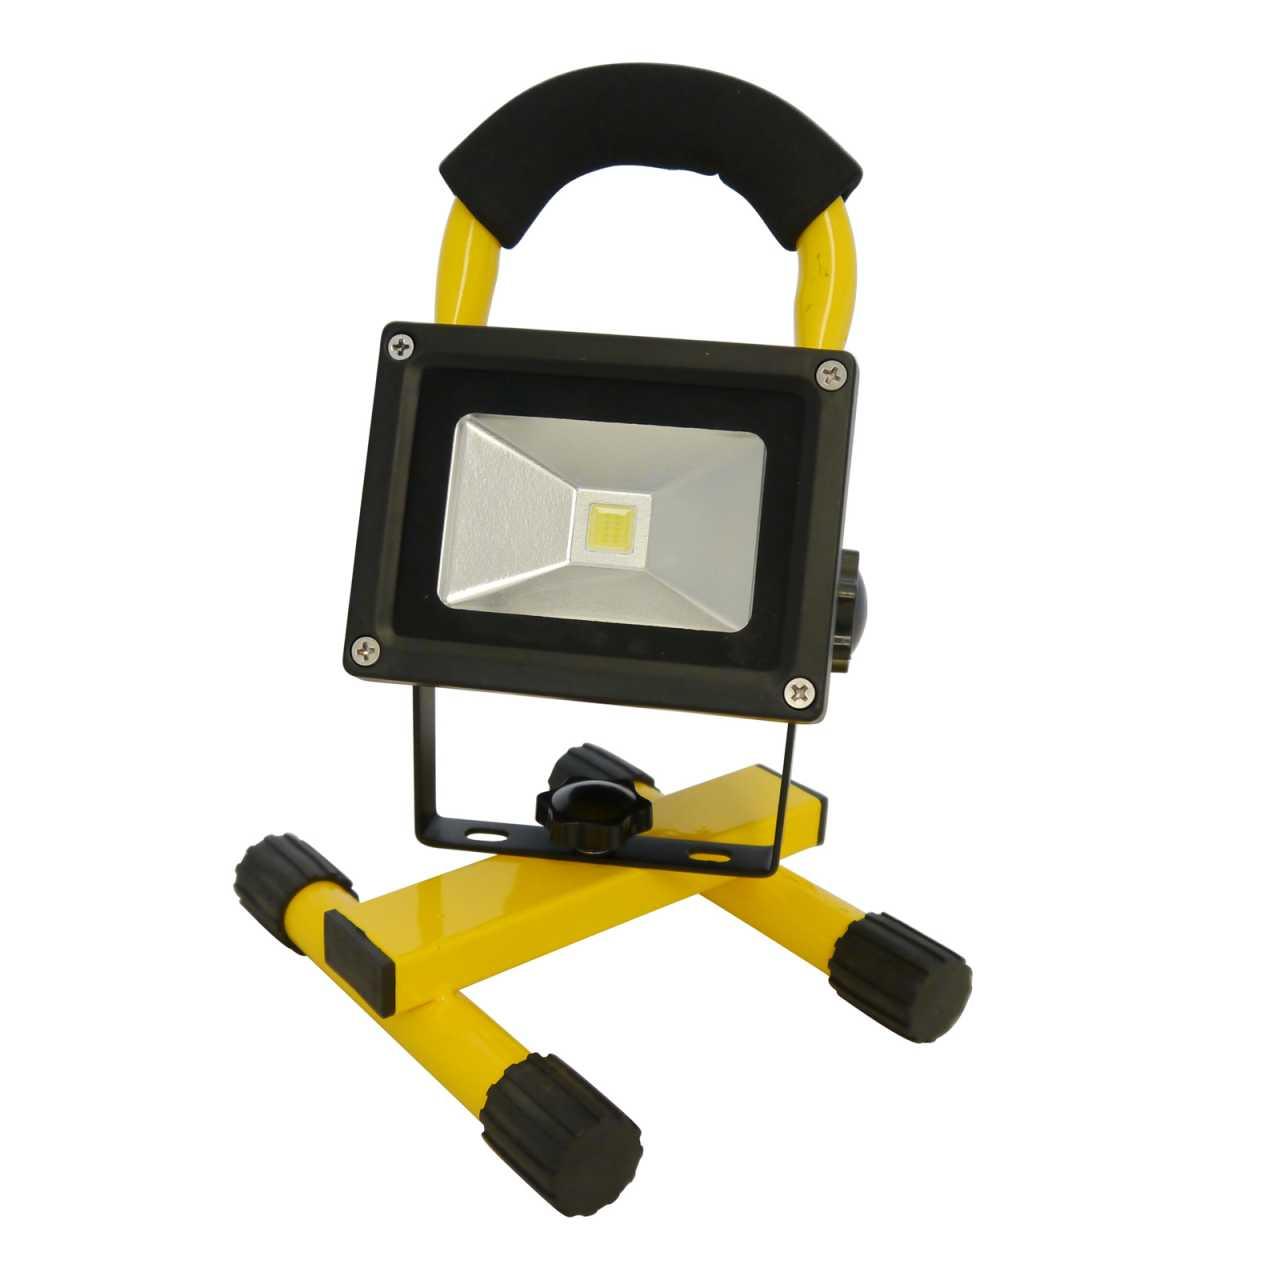 Grafner LED Baustrahler 10 Watt 2200 mAh Akku in Gelb Flutlicht